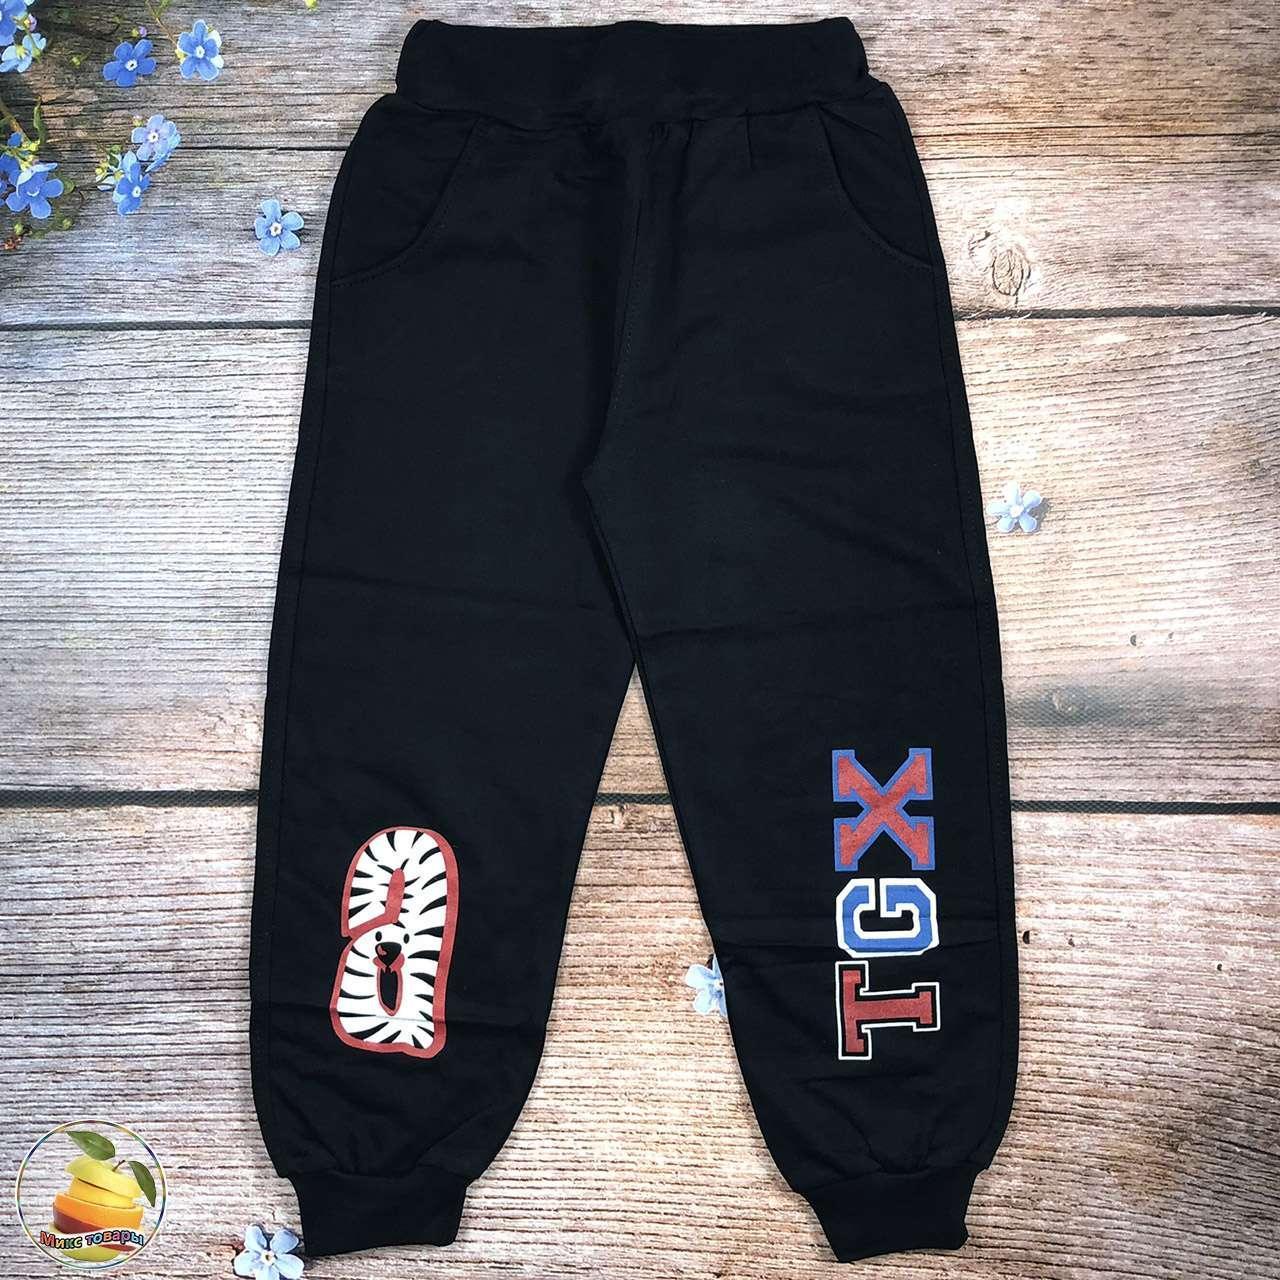 Чёрные спортивные штаны с манжетам для мальчика Размеры: 3,4,5,6 лет (9363-3)